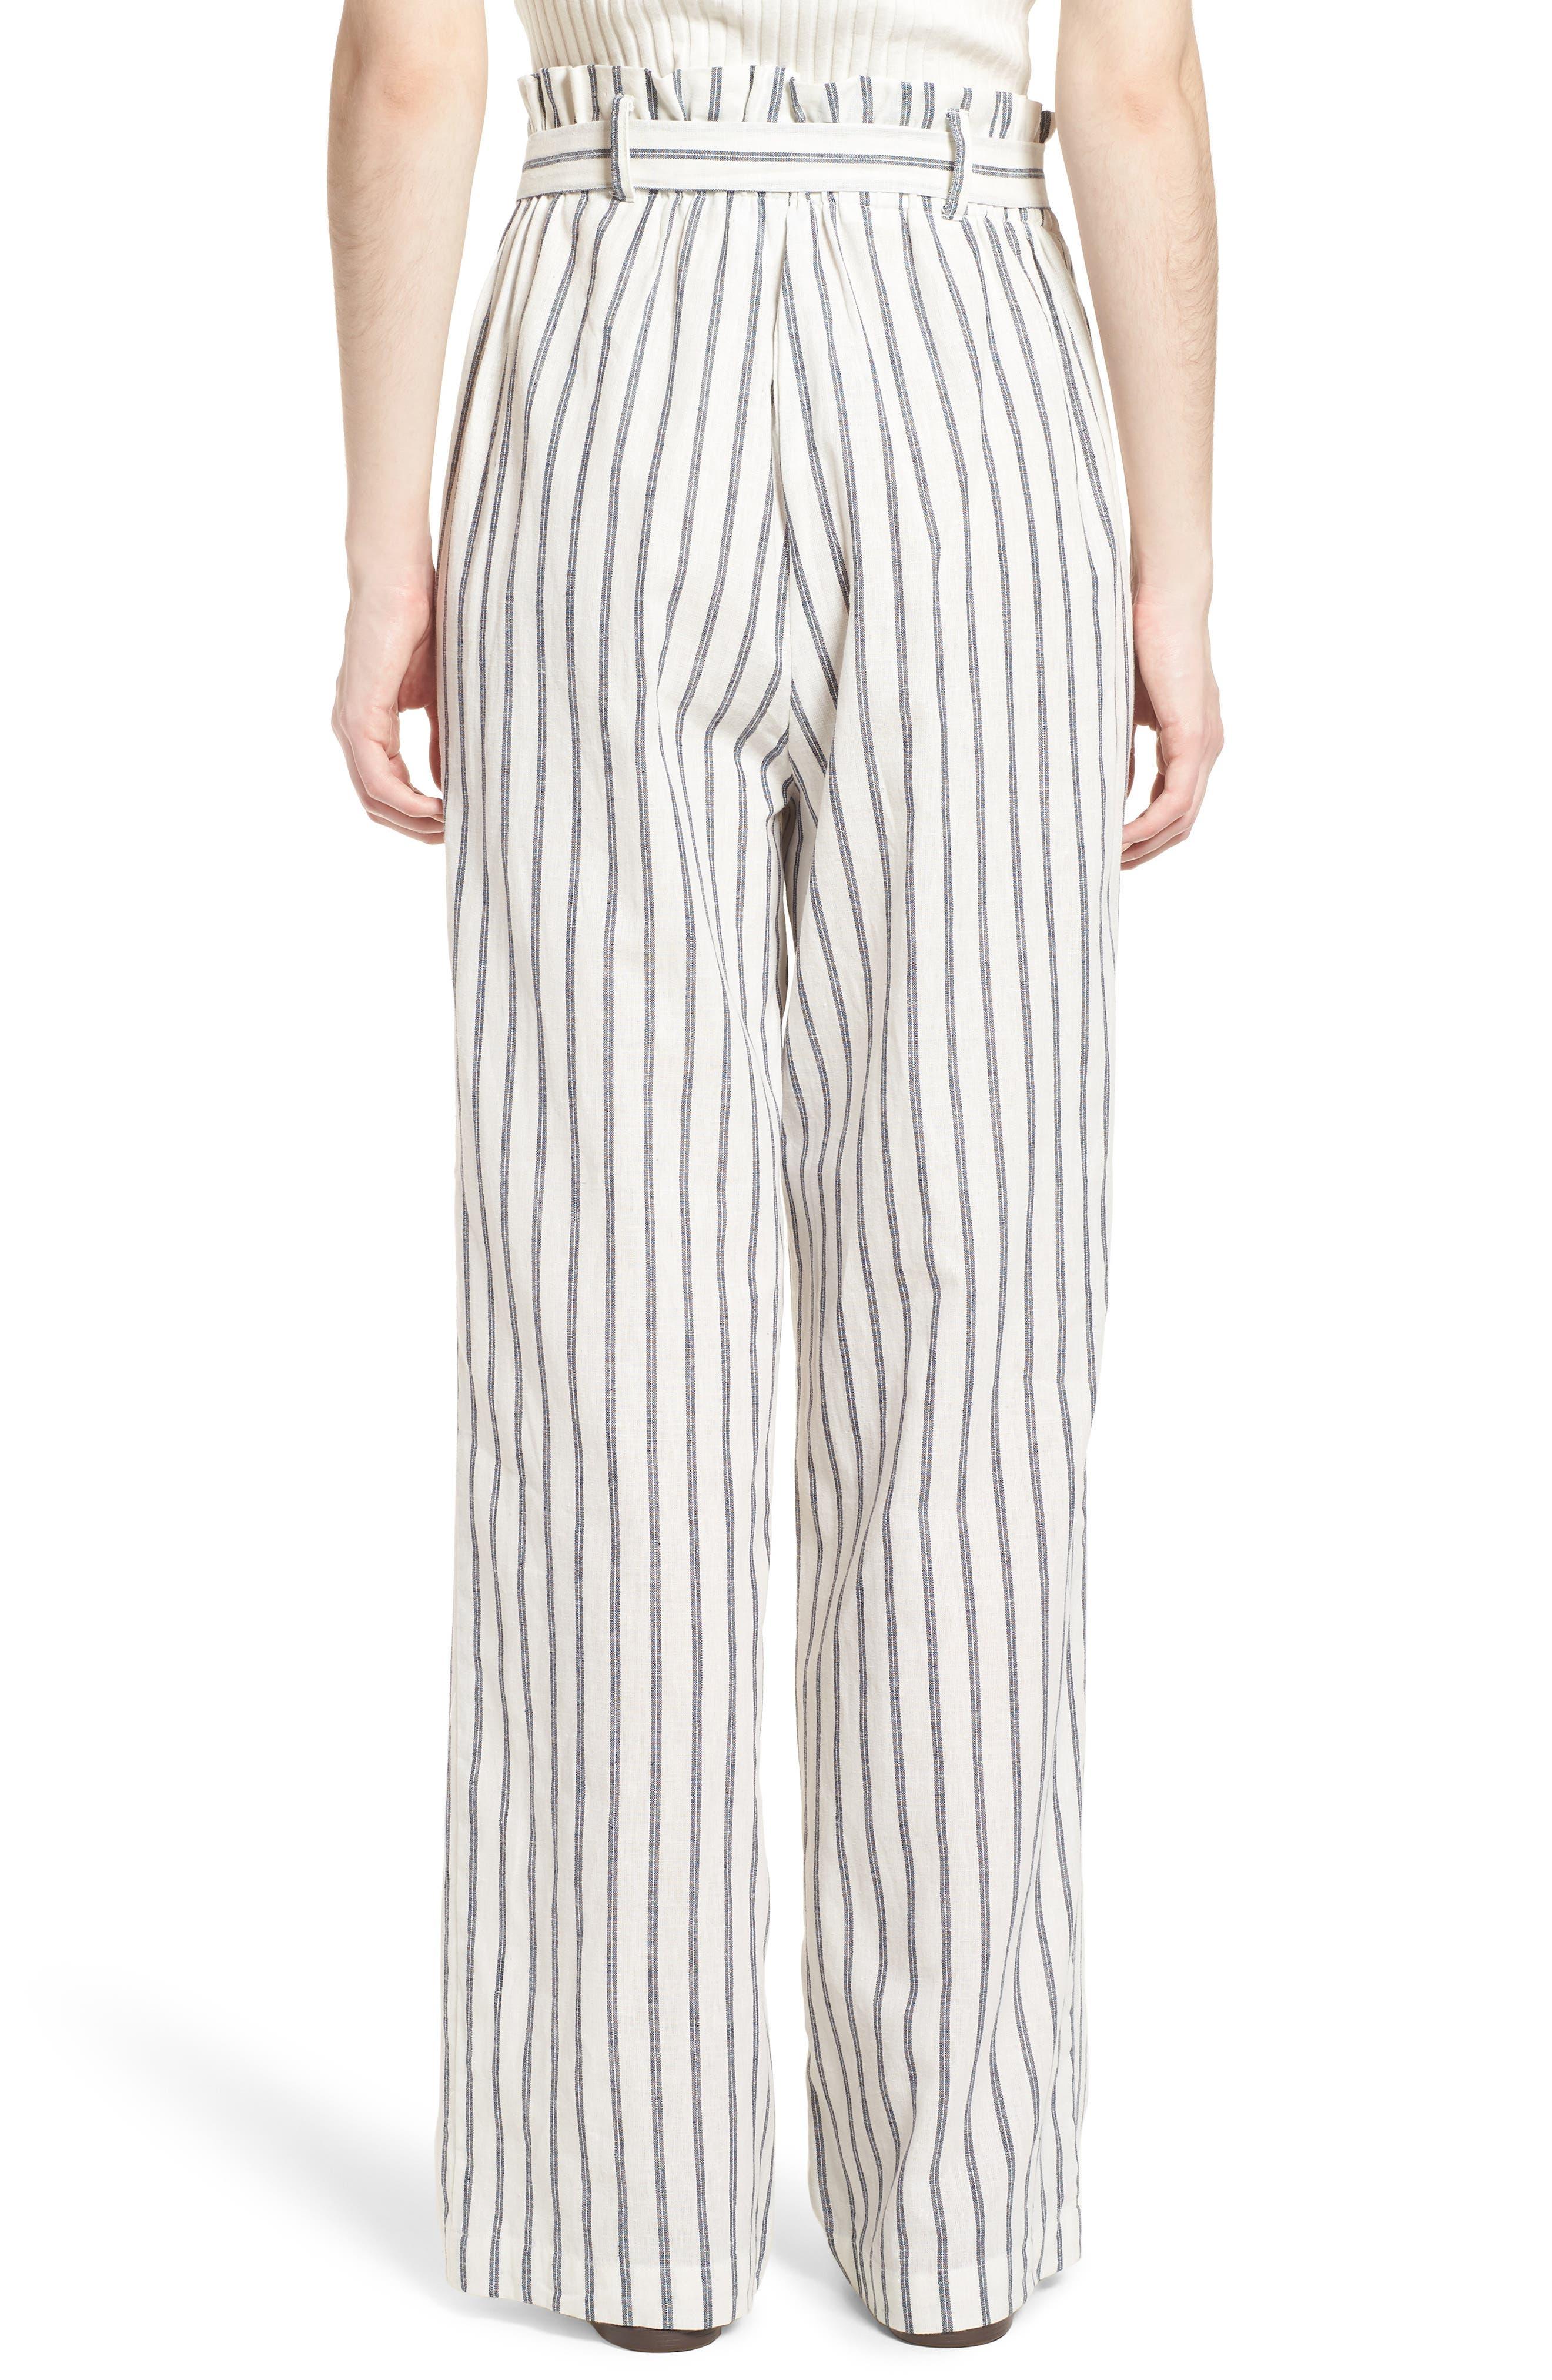 Paper Bag Linen & Cotton Pants,                             Alternate thumbnail 2, color,                             IVORY / BLUE STRIPE